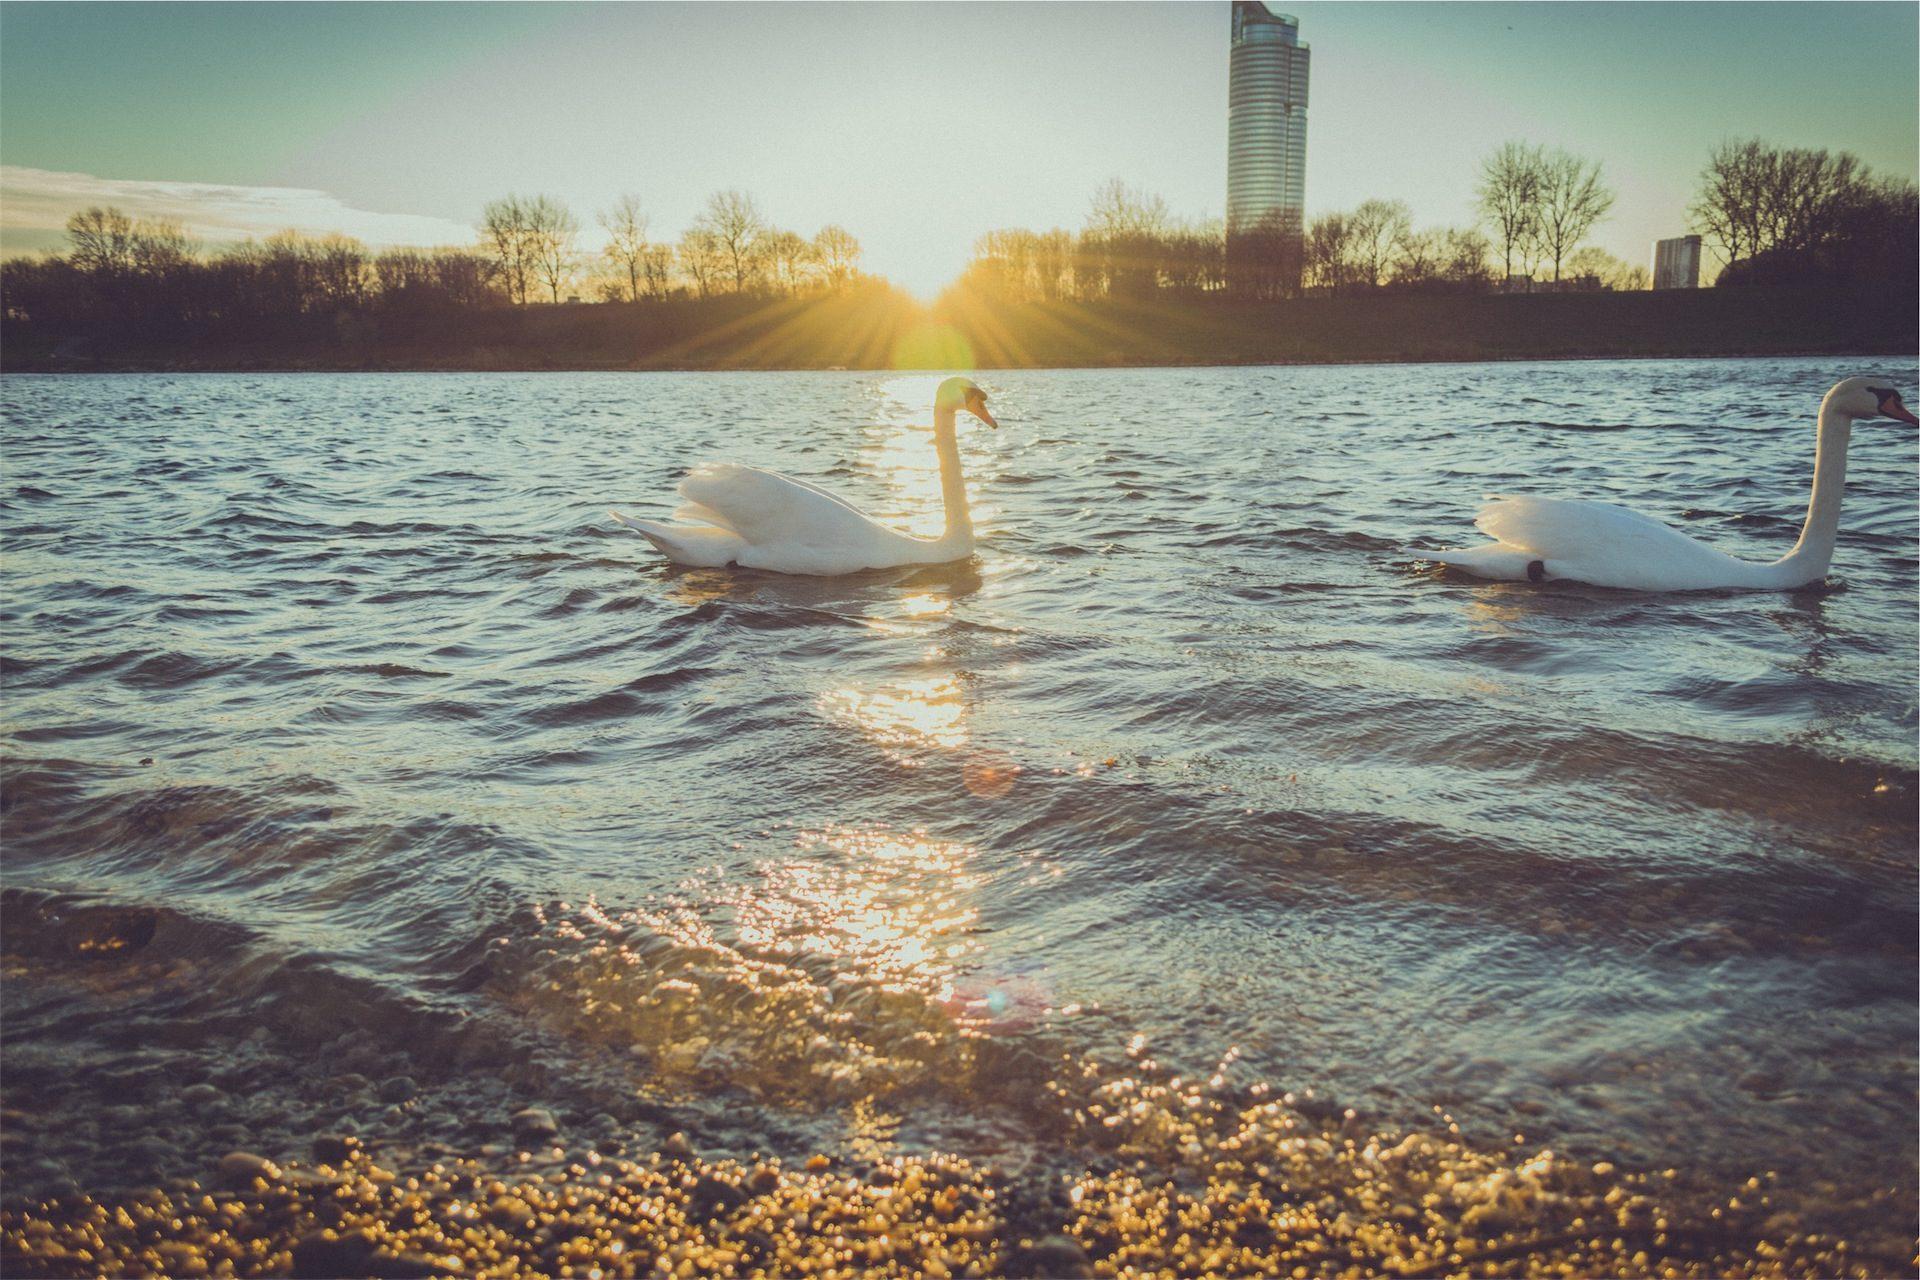 Lago, Parque, Cidade, Cisnes, água, Pôr do sol - Papéis de parede HD - Professor-falken.com